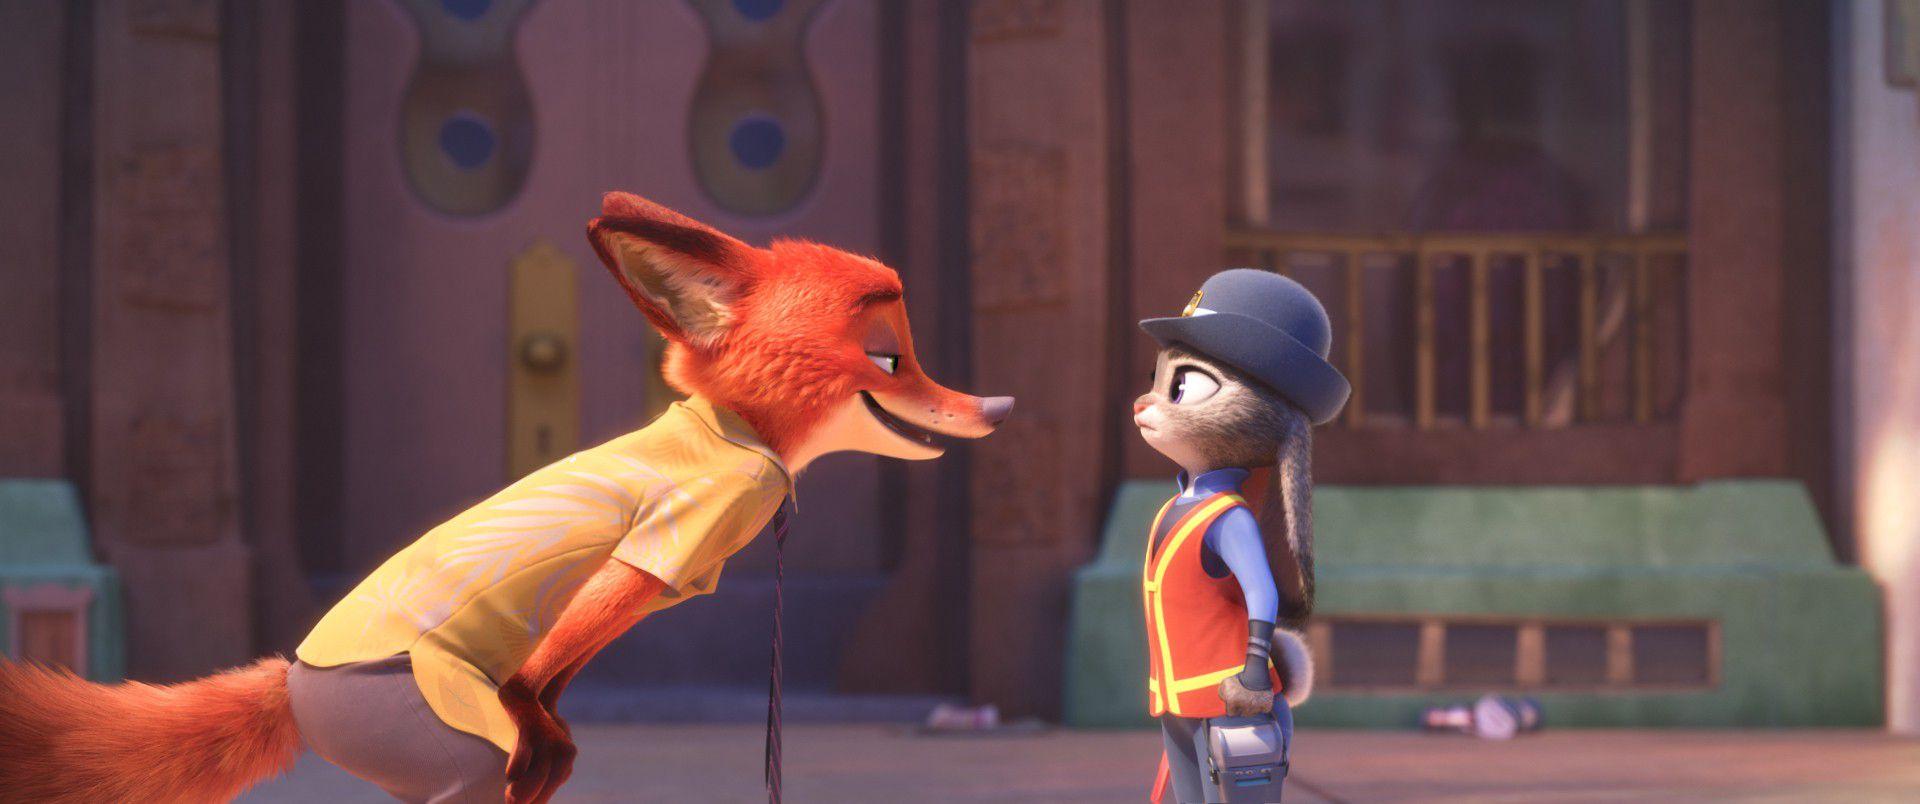 Top 5 phim hoạt hình về động vật ngộ nghĩnh, đáng yêu và dễ thương (2)